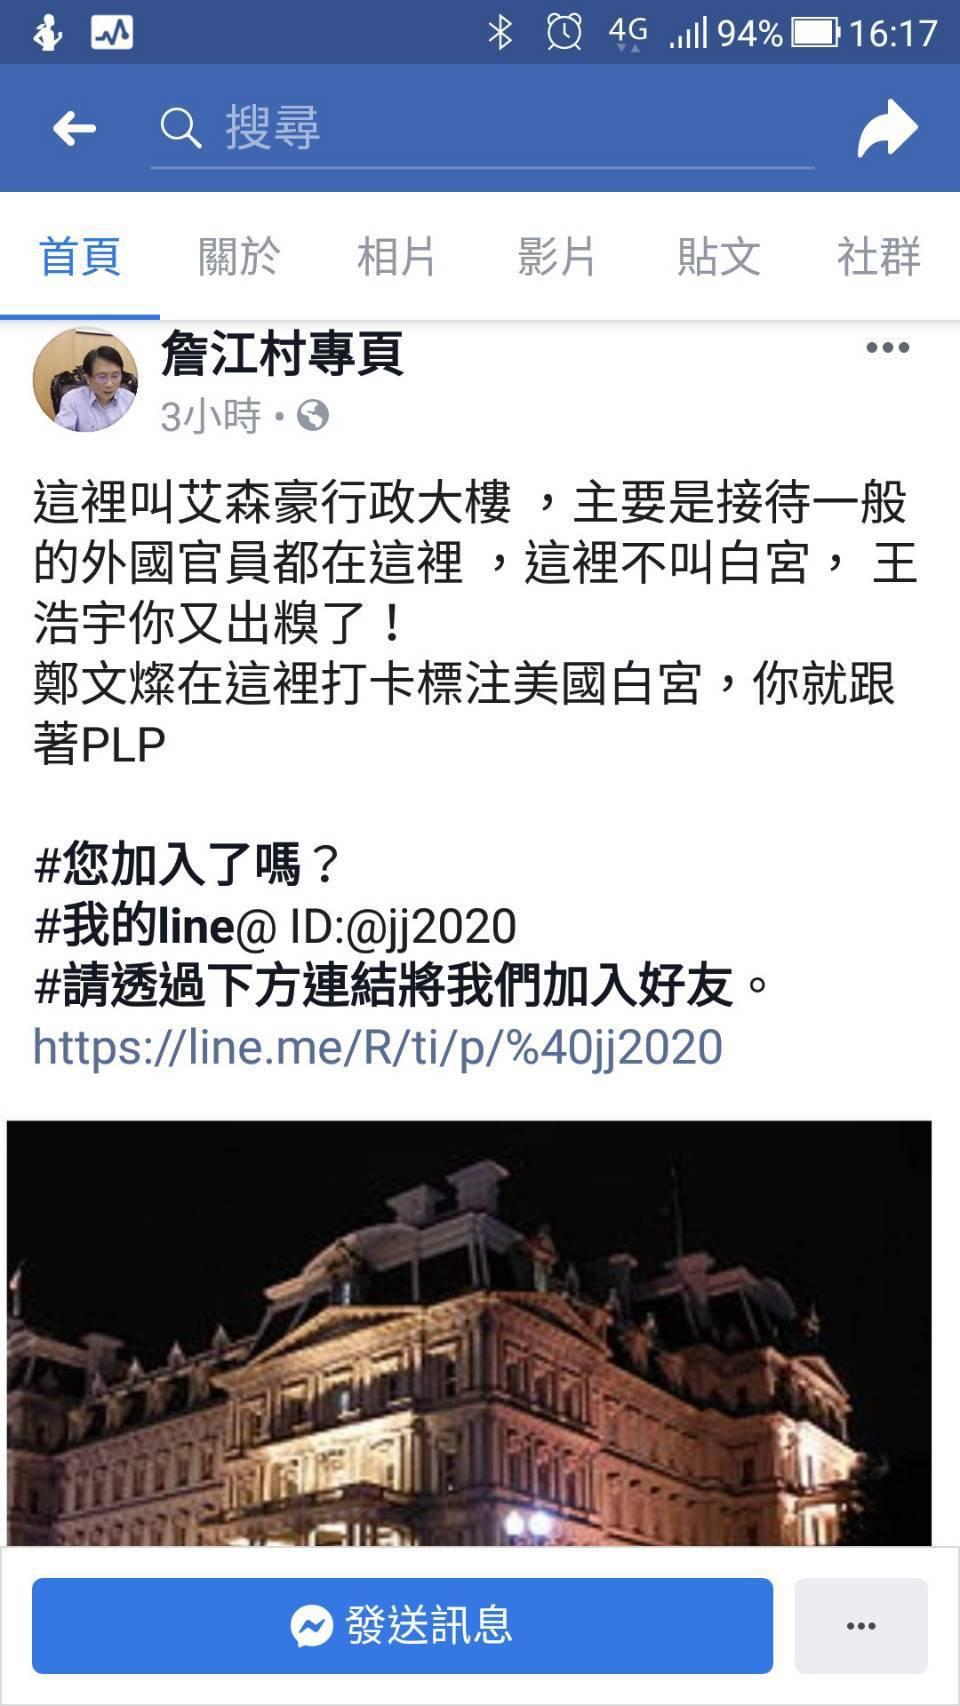 桃園市議員詹江村在臉書打臉,鄭文燦訪美進白宮時,是白宮對外開放民眾參訪的「開放日...